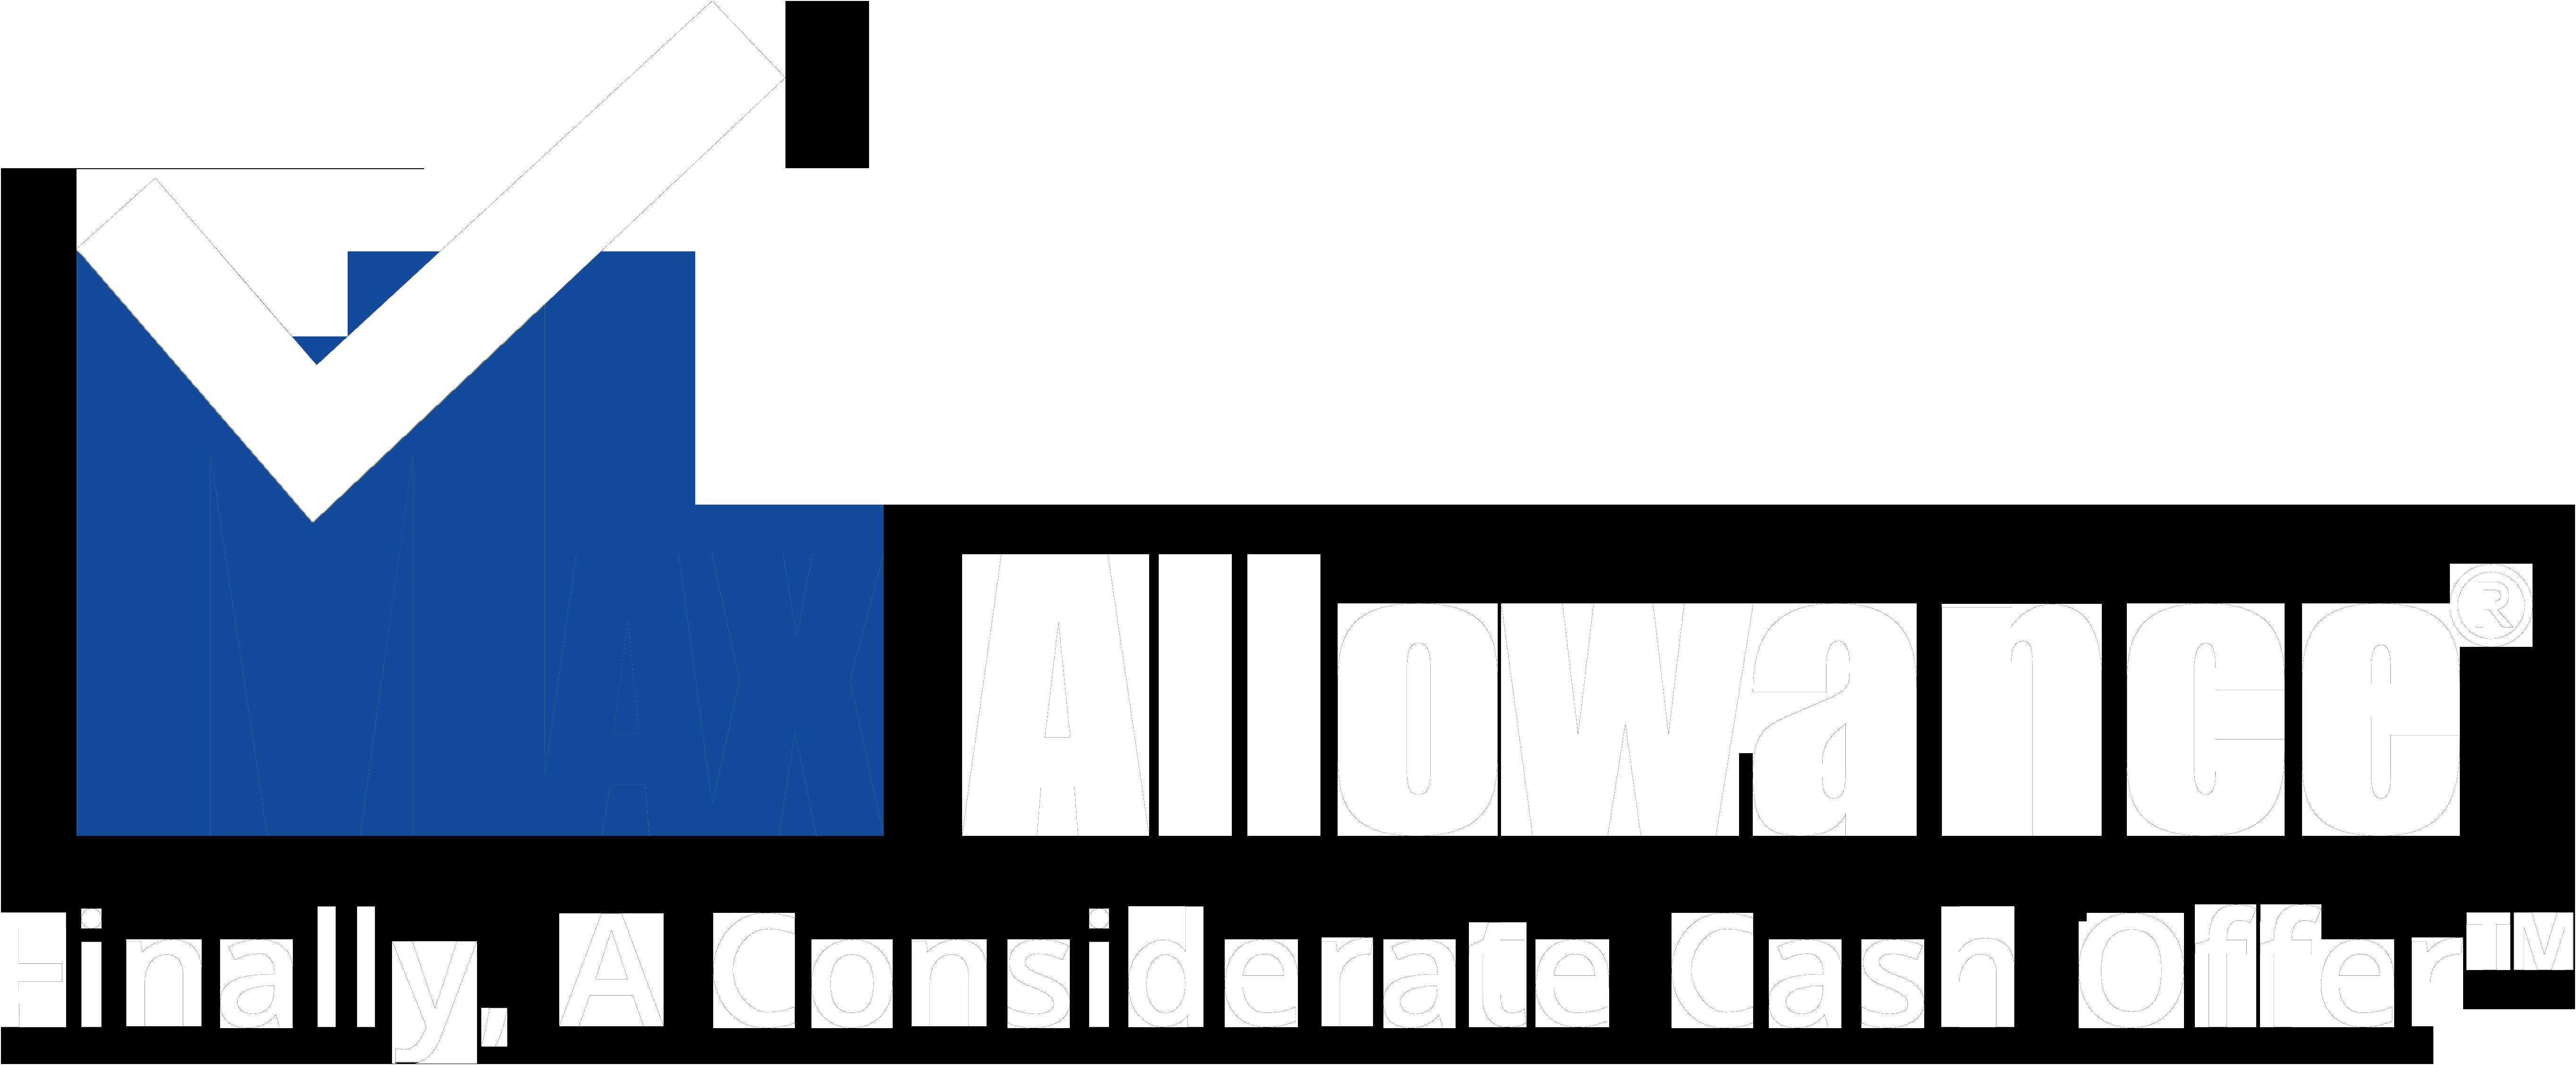 MAX Allowance